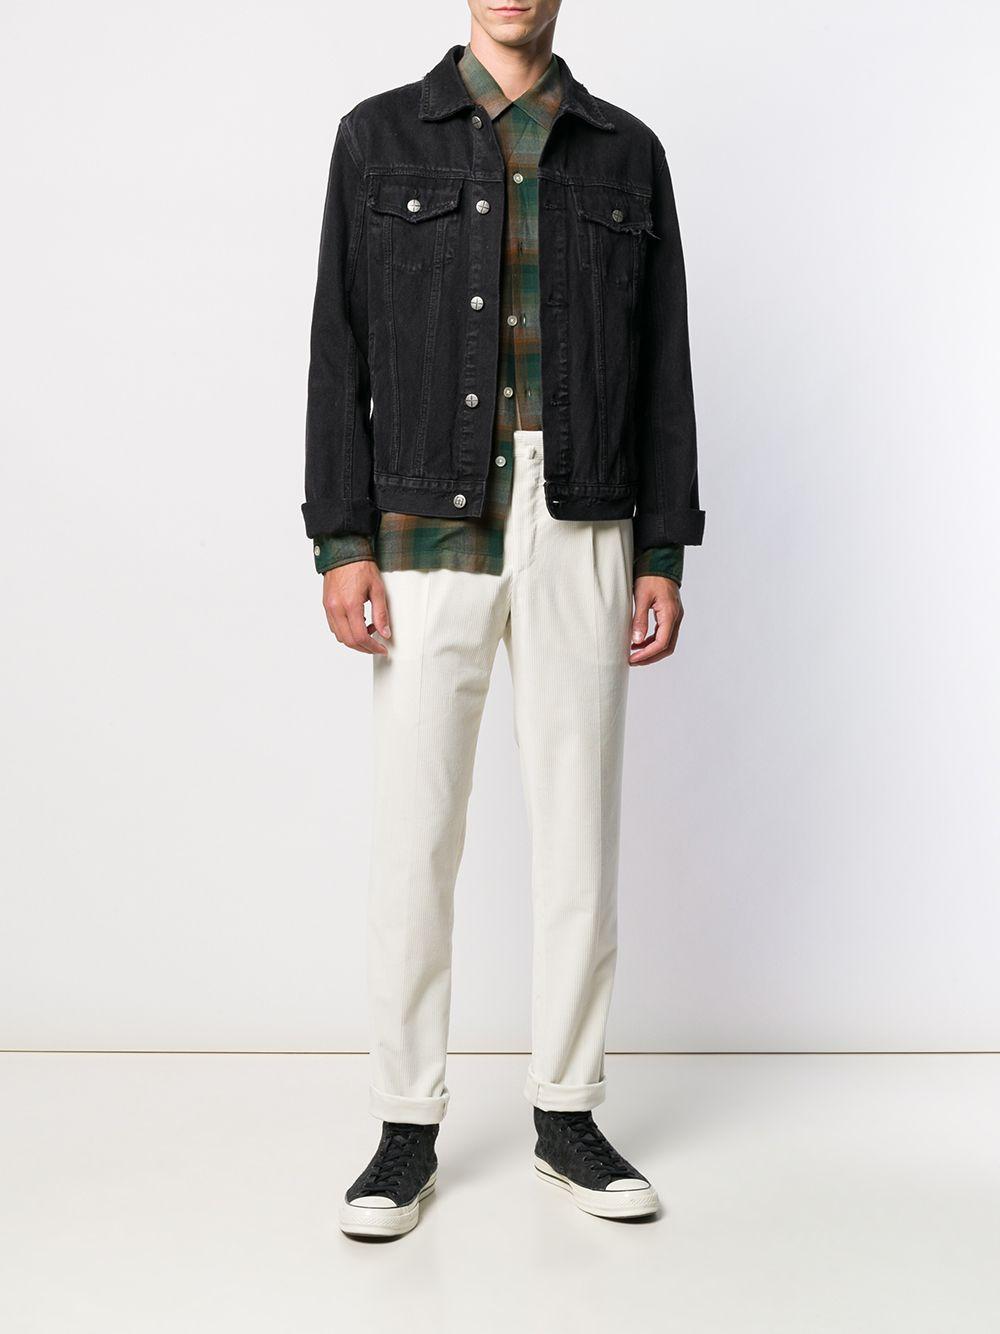 Pantaloni slim fit in velluto a coste di cotone elasticizzato bianco PT01 | Pantaloni | COHS22ZS0CL2-PG910010